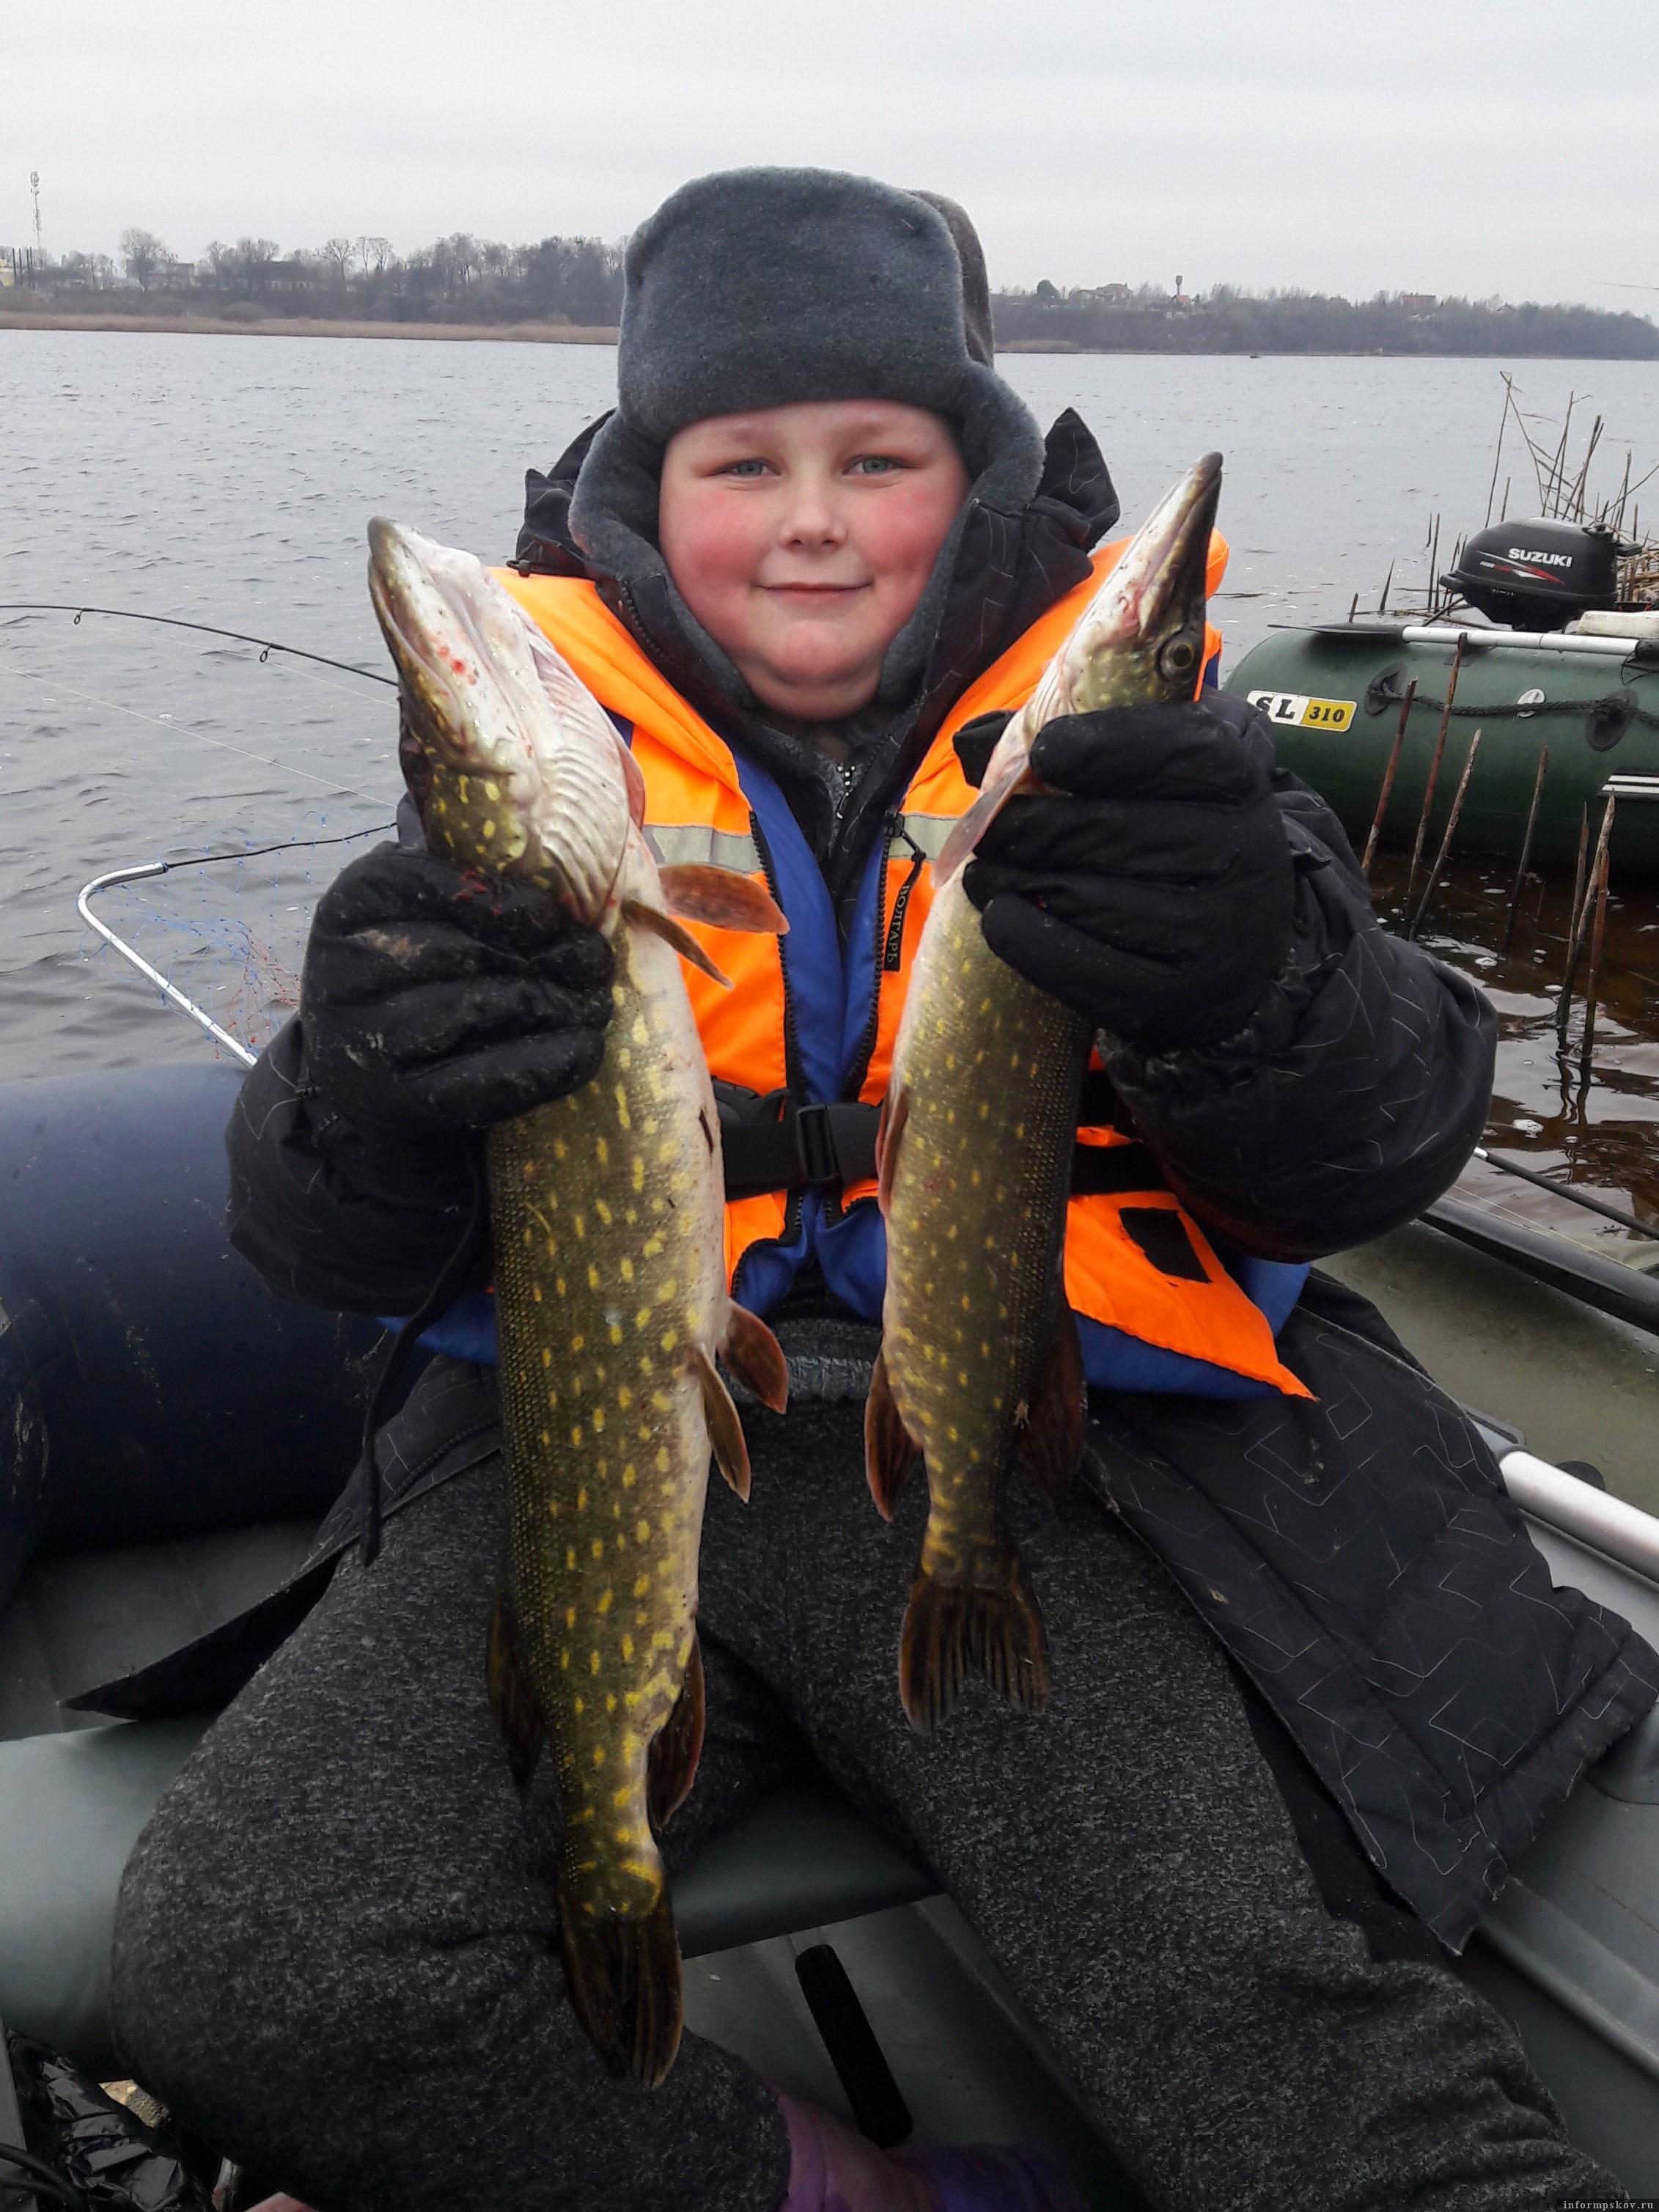 Юный рыбак. Фото автора.